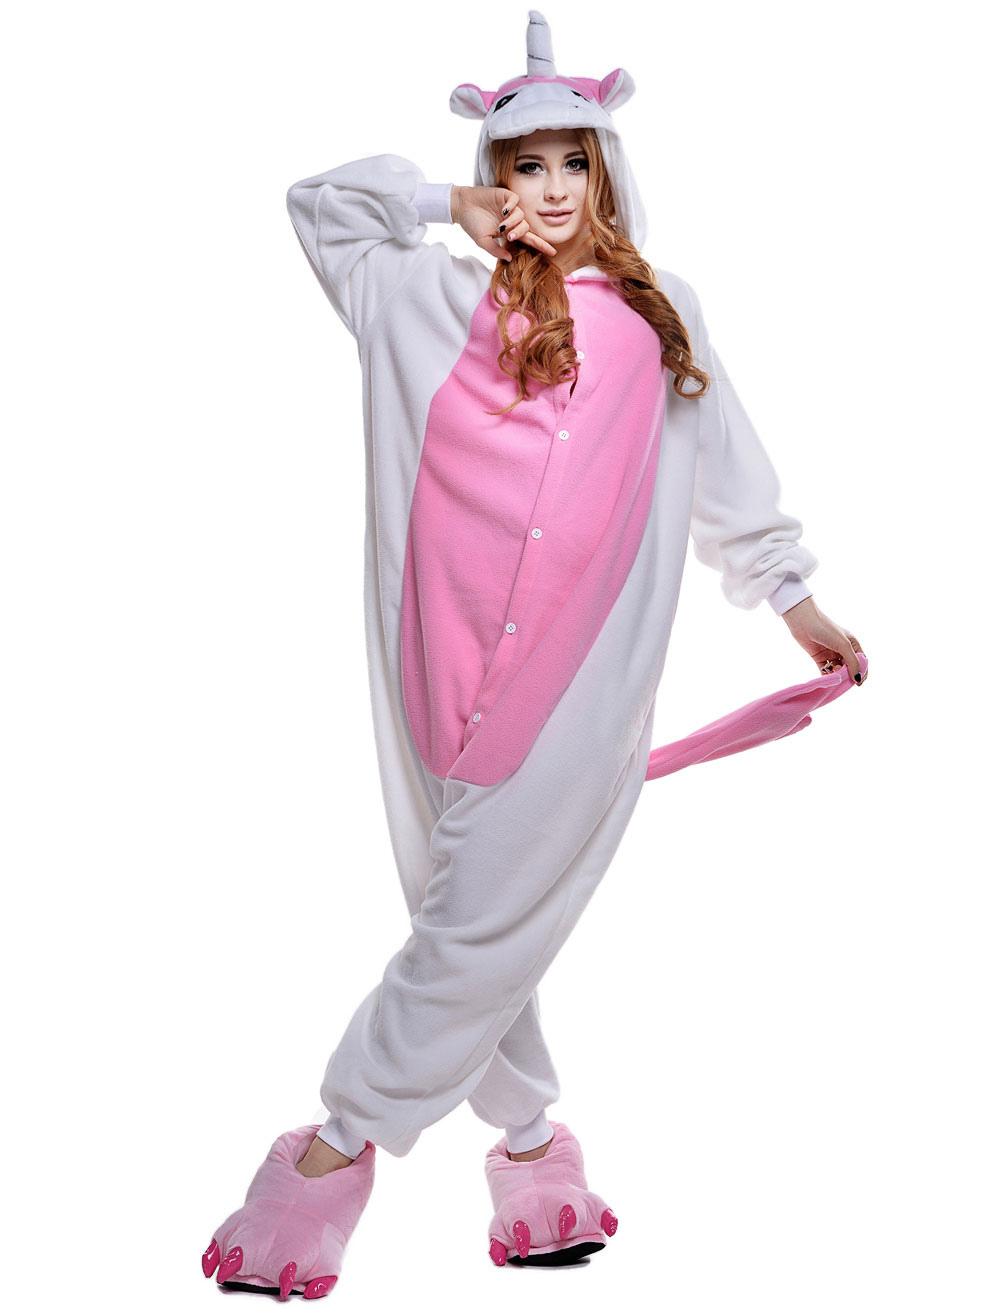 lusso prodotto caldo nuovo stile e lusso Kigurumi Pigiama Licorne Unicorno Tutina Per Costume Carnevale Adulto